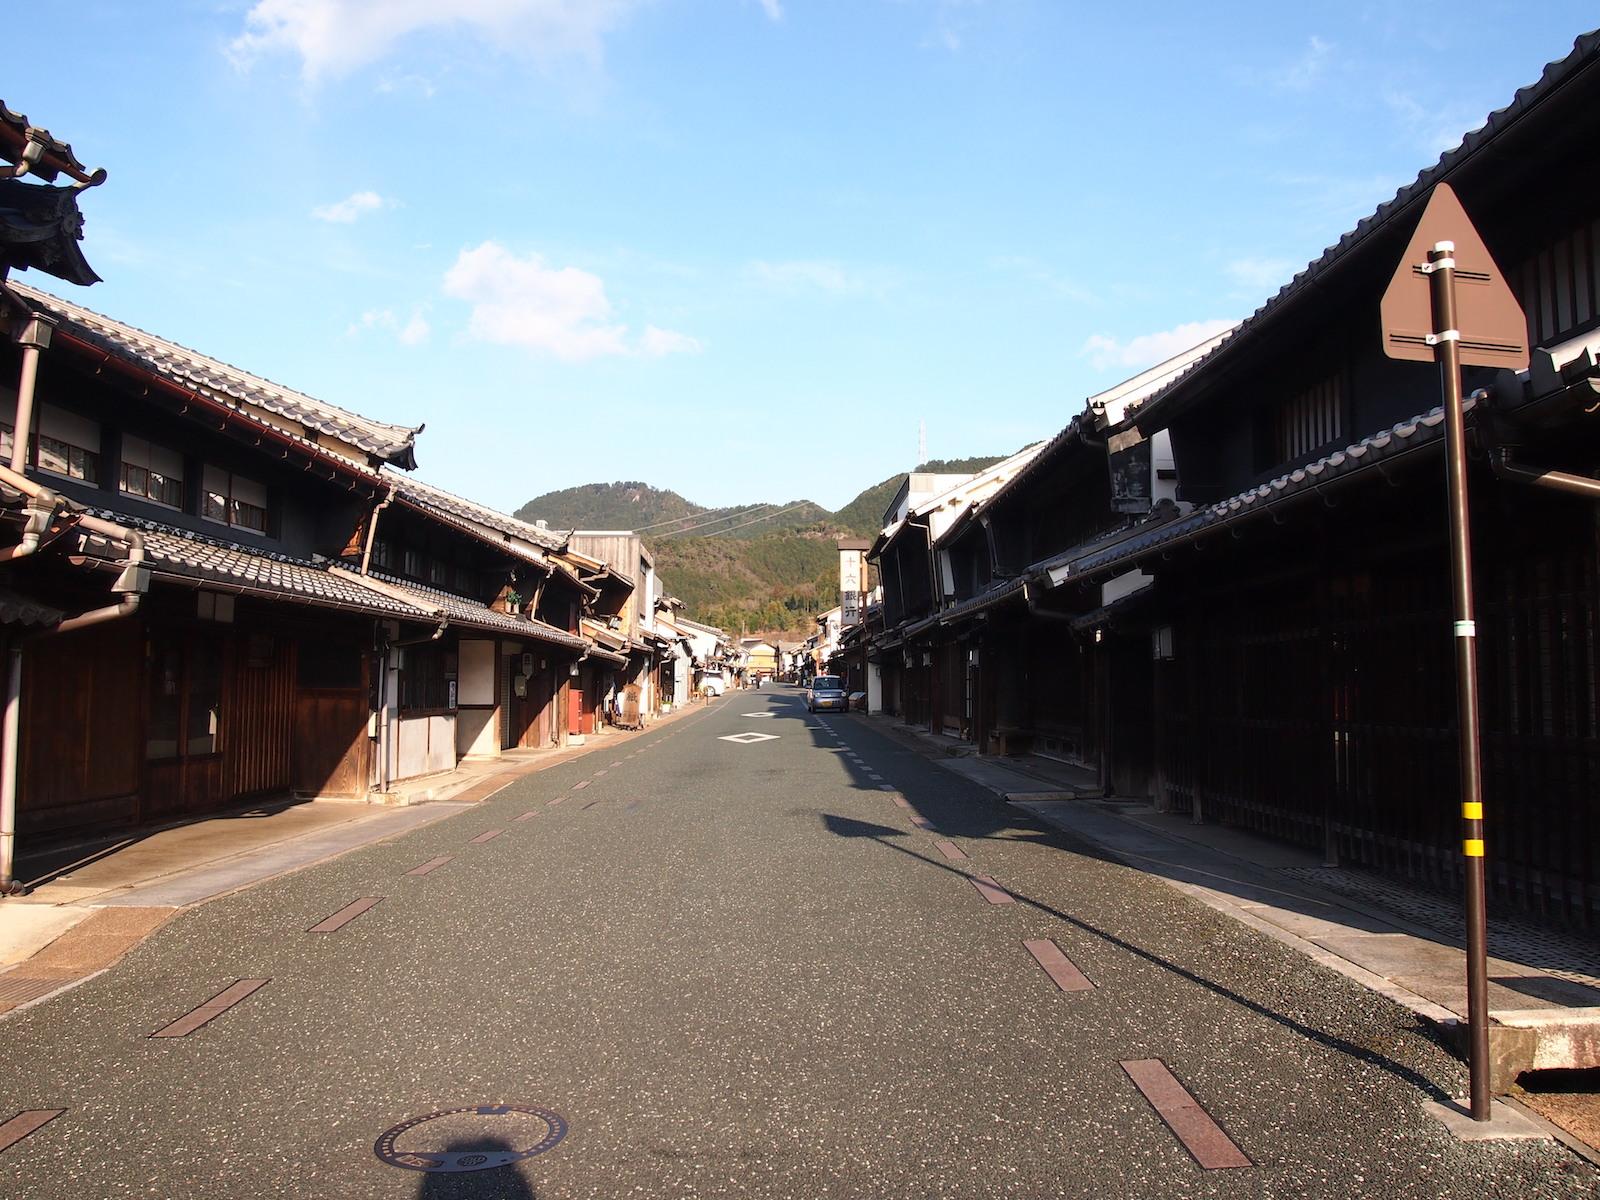 岐阜県美濃市のうだつの上がる町並みを散歩してきました!